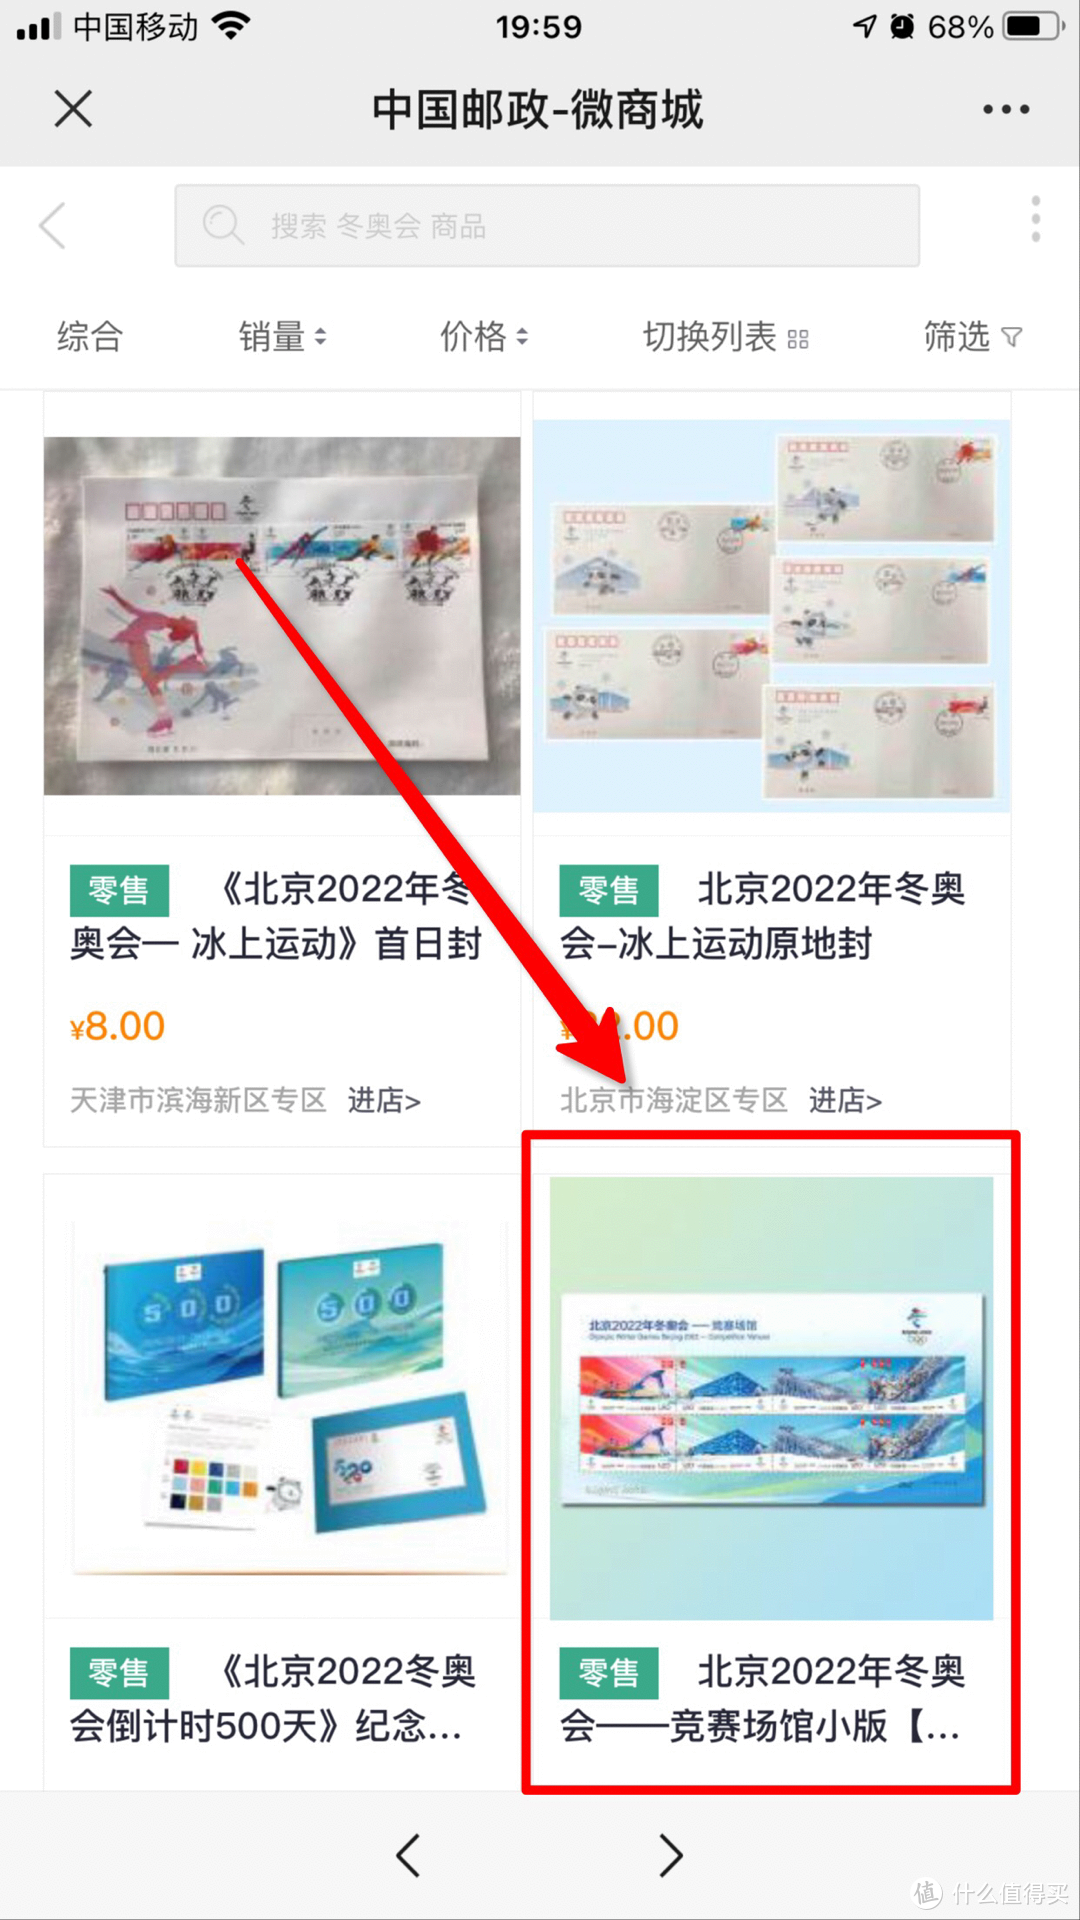 2022年北京冬奥会邮票,今日正式发行!